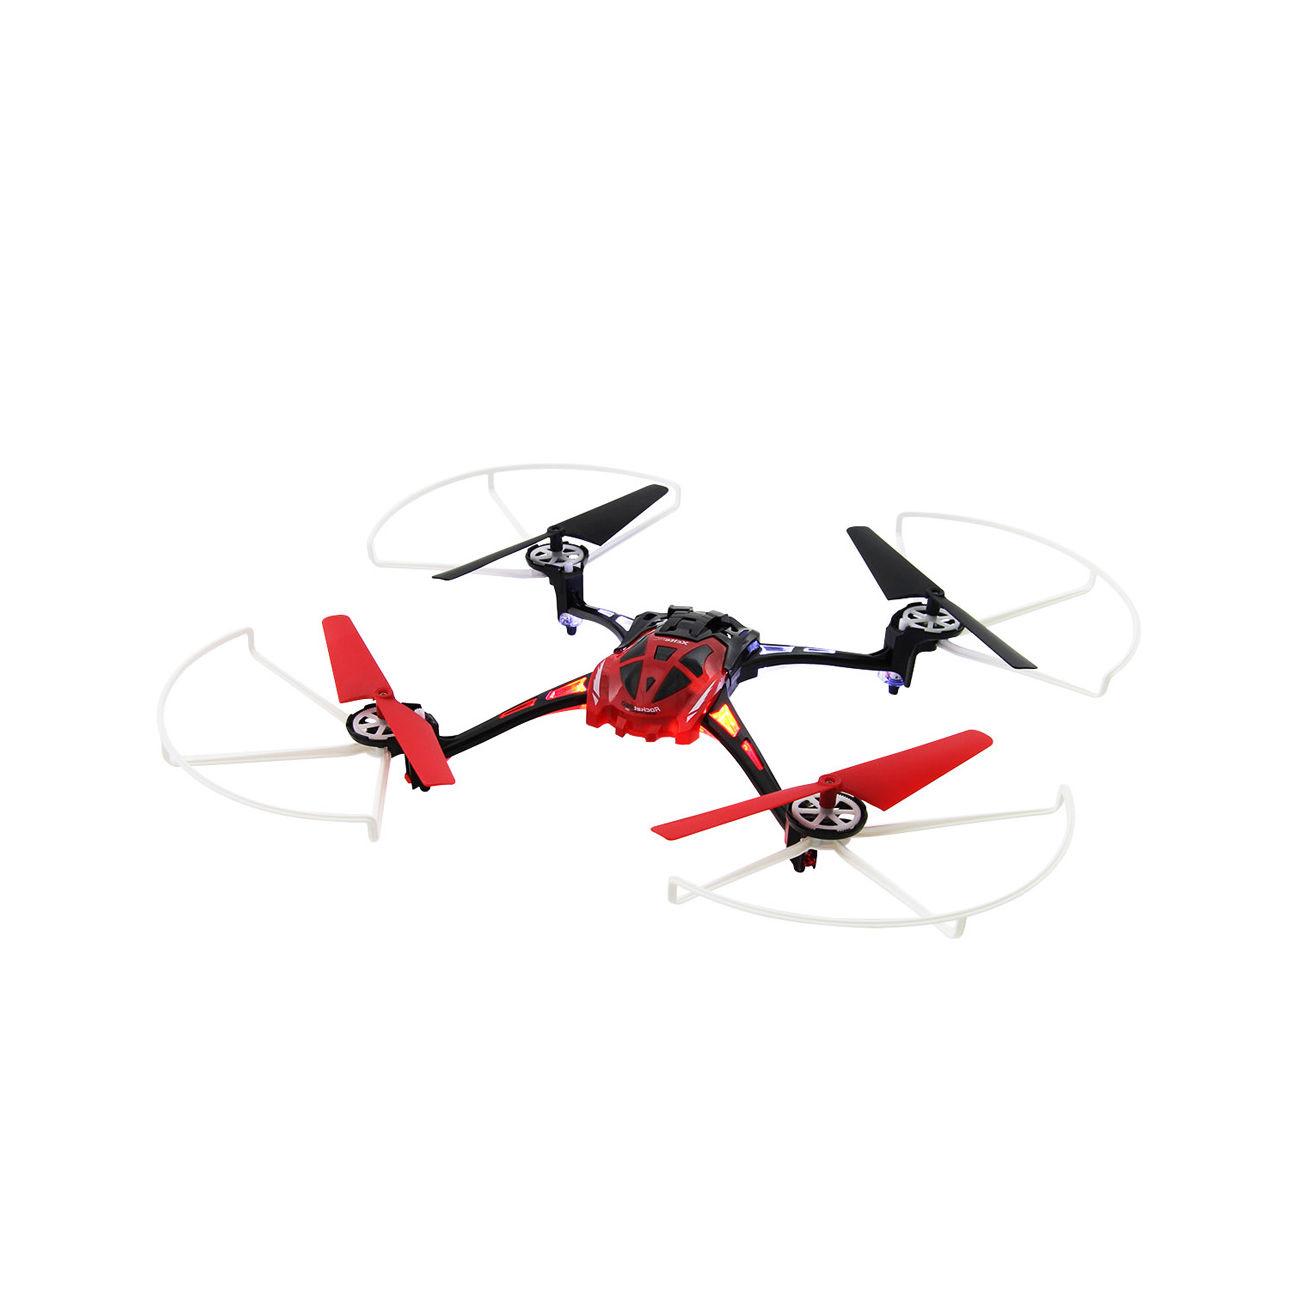 xciterc rocket 250 3d quadrocopter 4 kanal 2 4 ghz rtf rot 15013120 kotte zeller. Black Bedroom Furniture Sets. Home Design Ideas